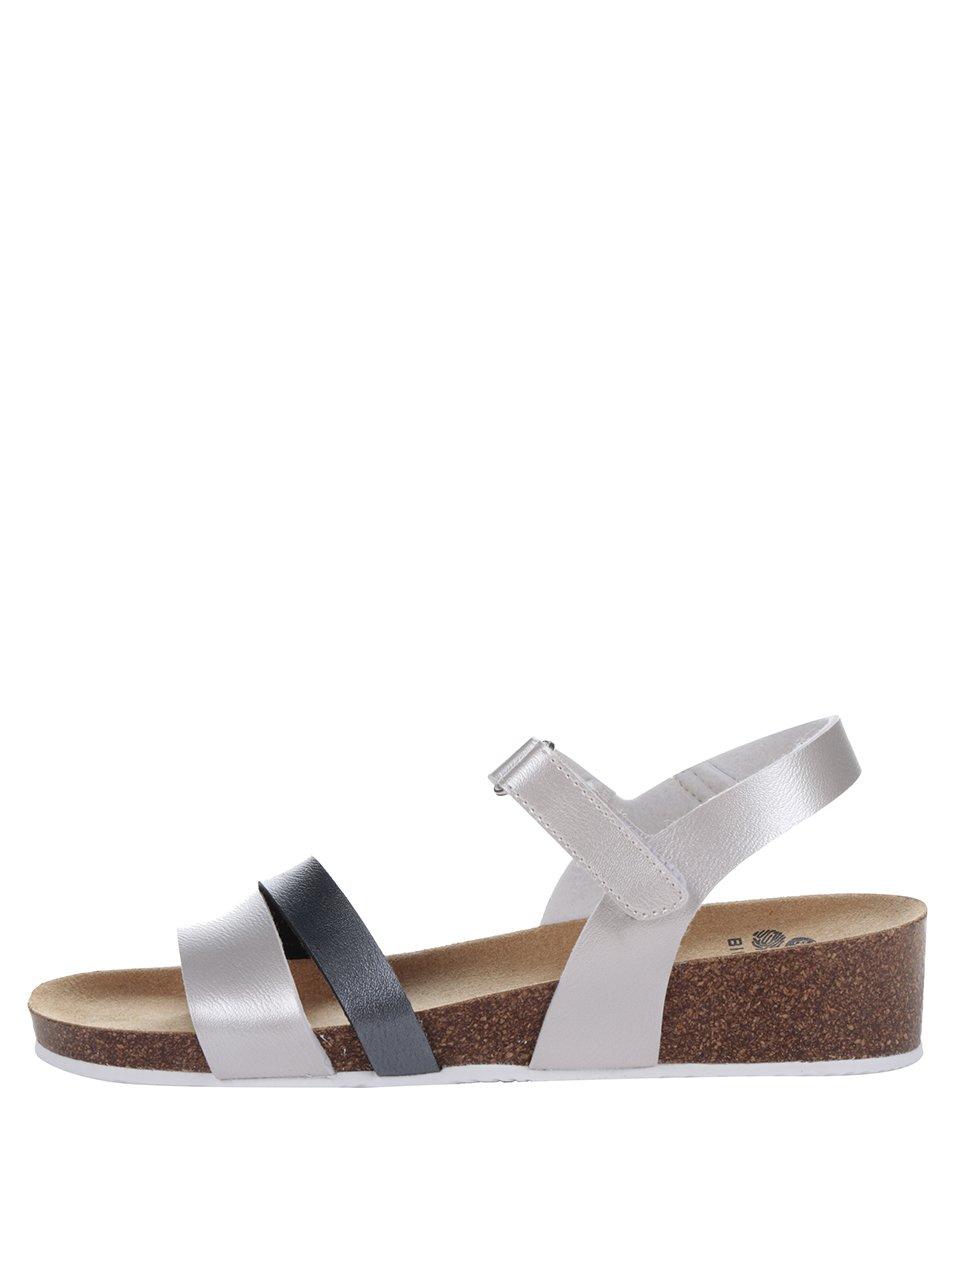 Šedé dámské zdravotní sandály Scholl Adalia